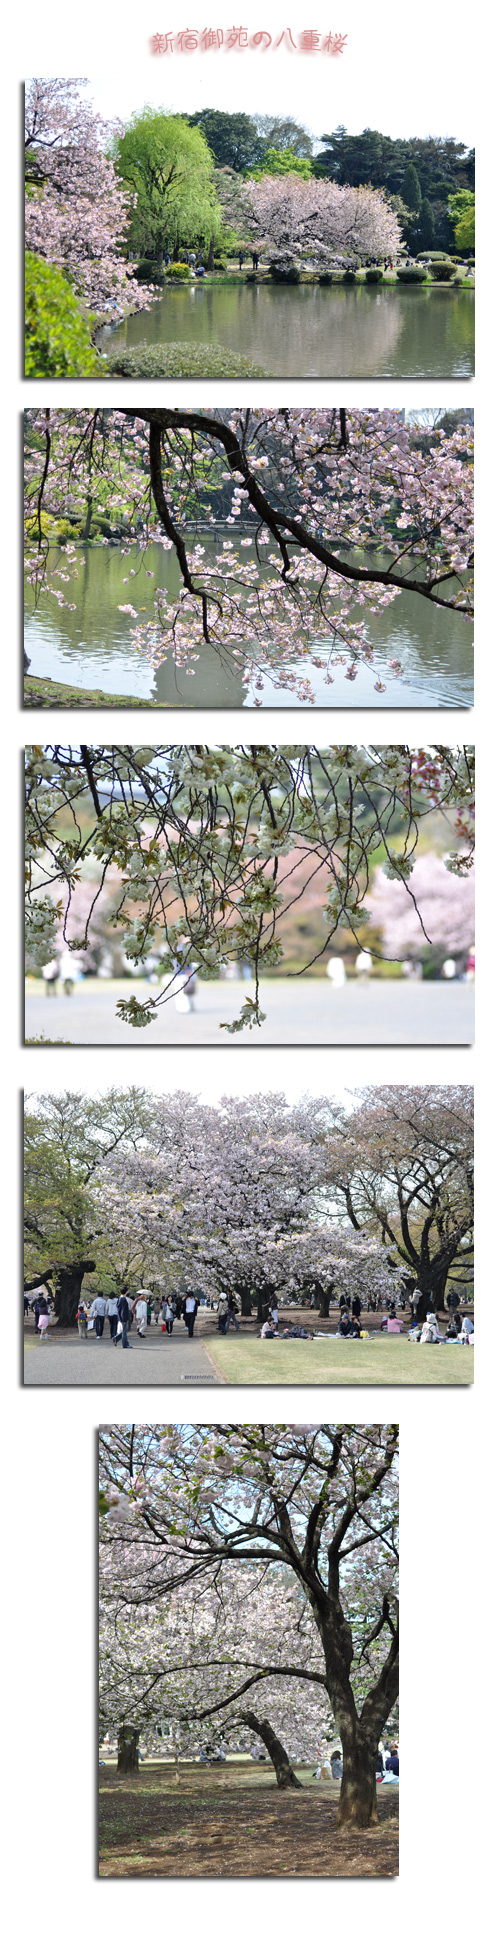 4月20日八重桜1